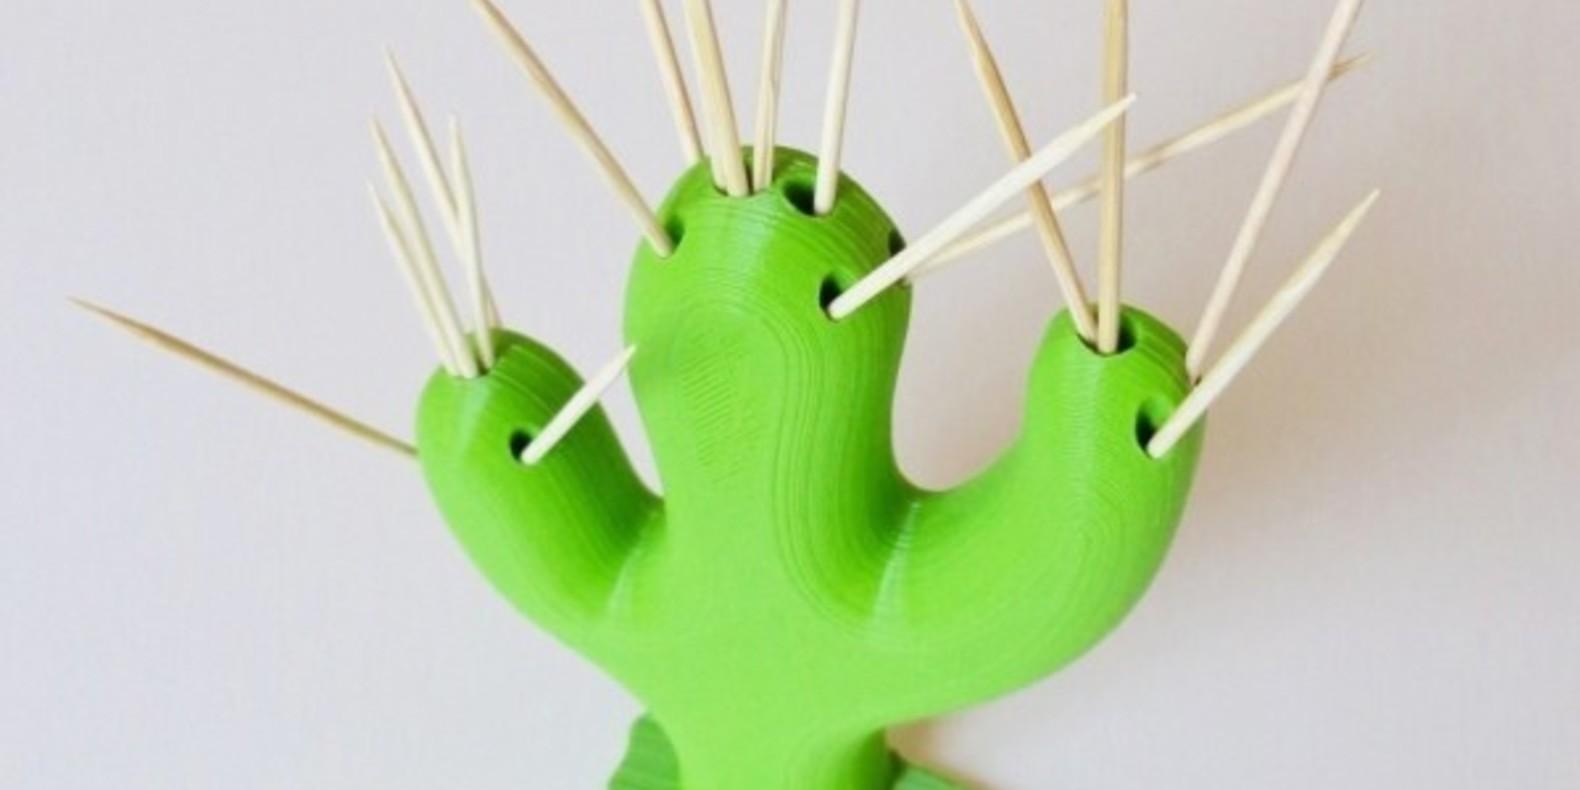 cactus-cure-dents-imprime-en-3d-fichier-3d-stl-cults-1